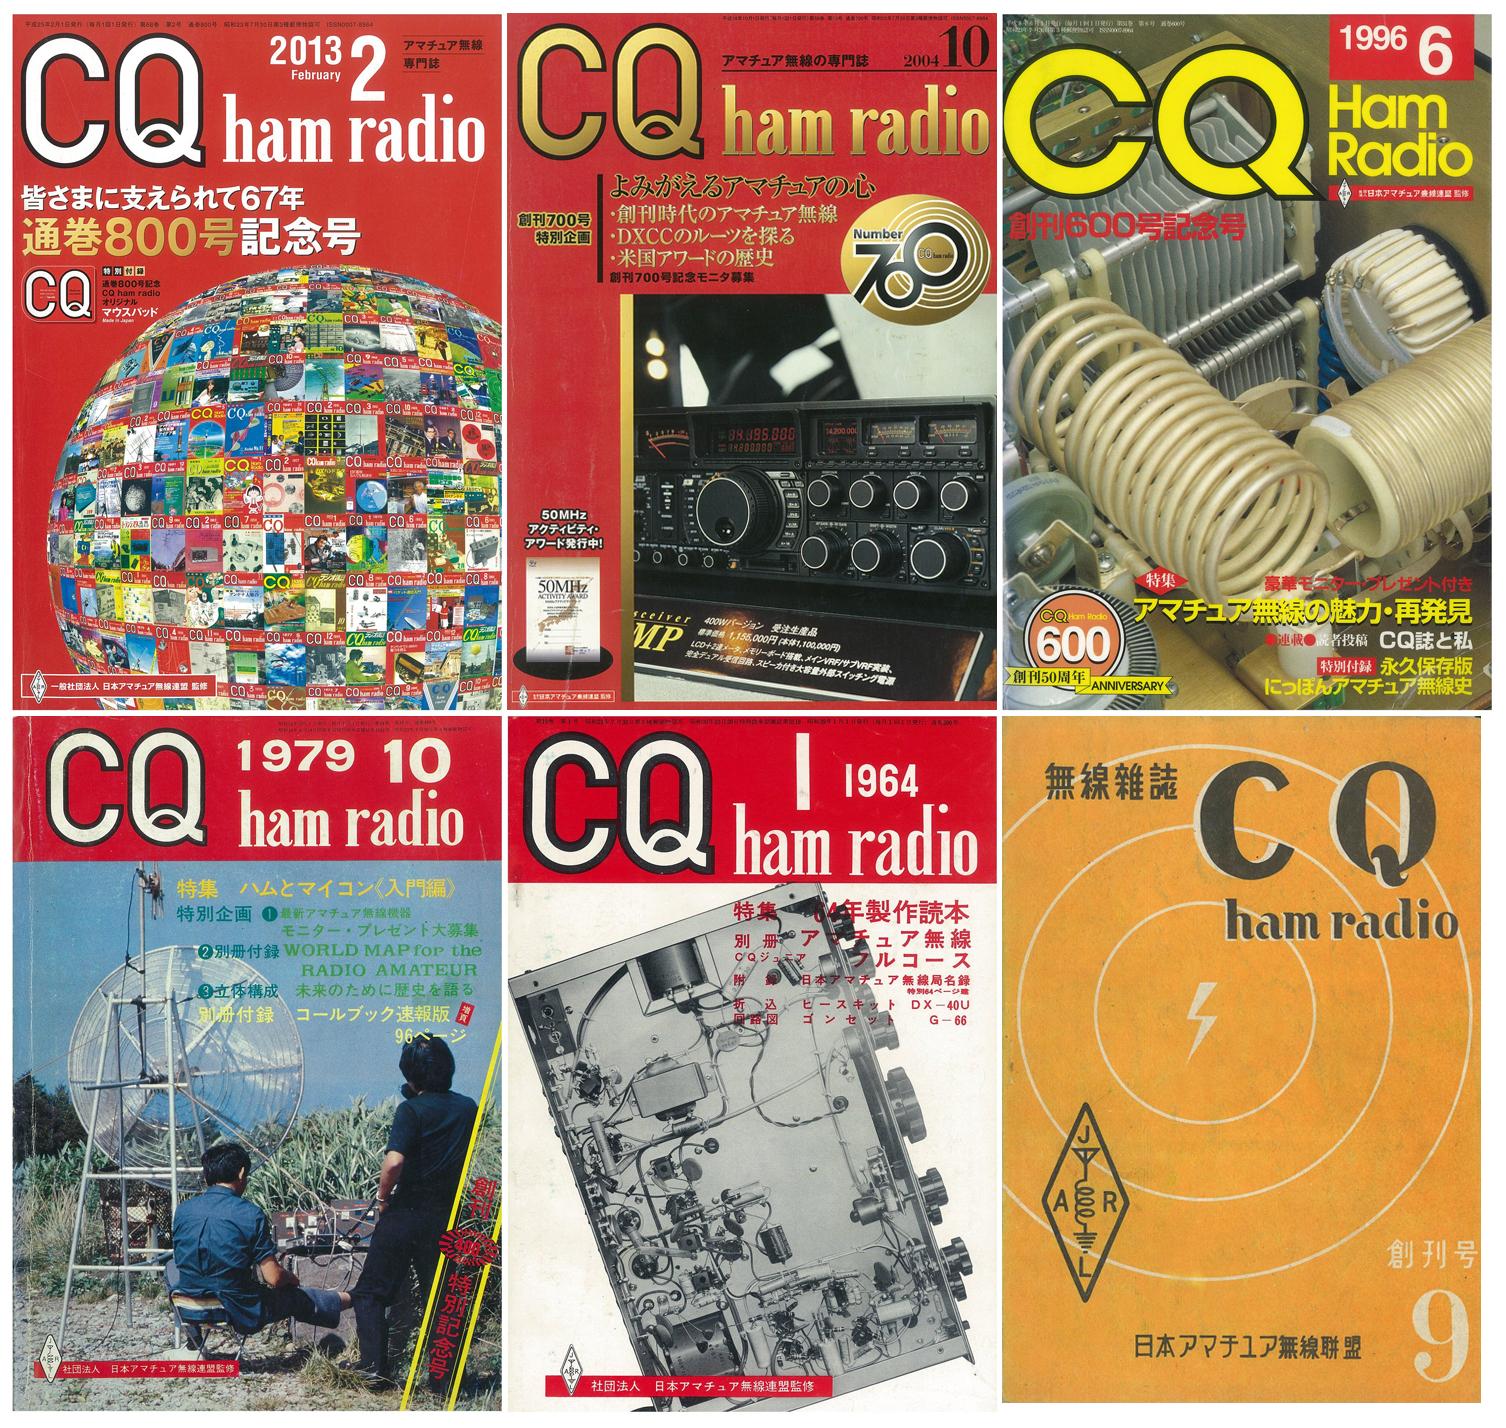 投稿募集! 通巻900号記念「CQ誌とわたし」